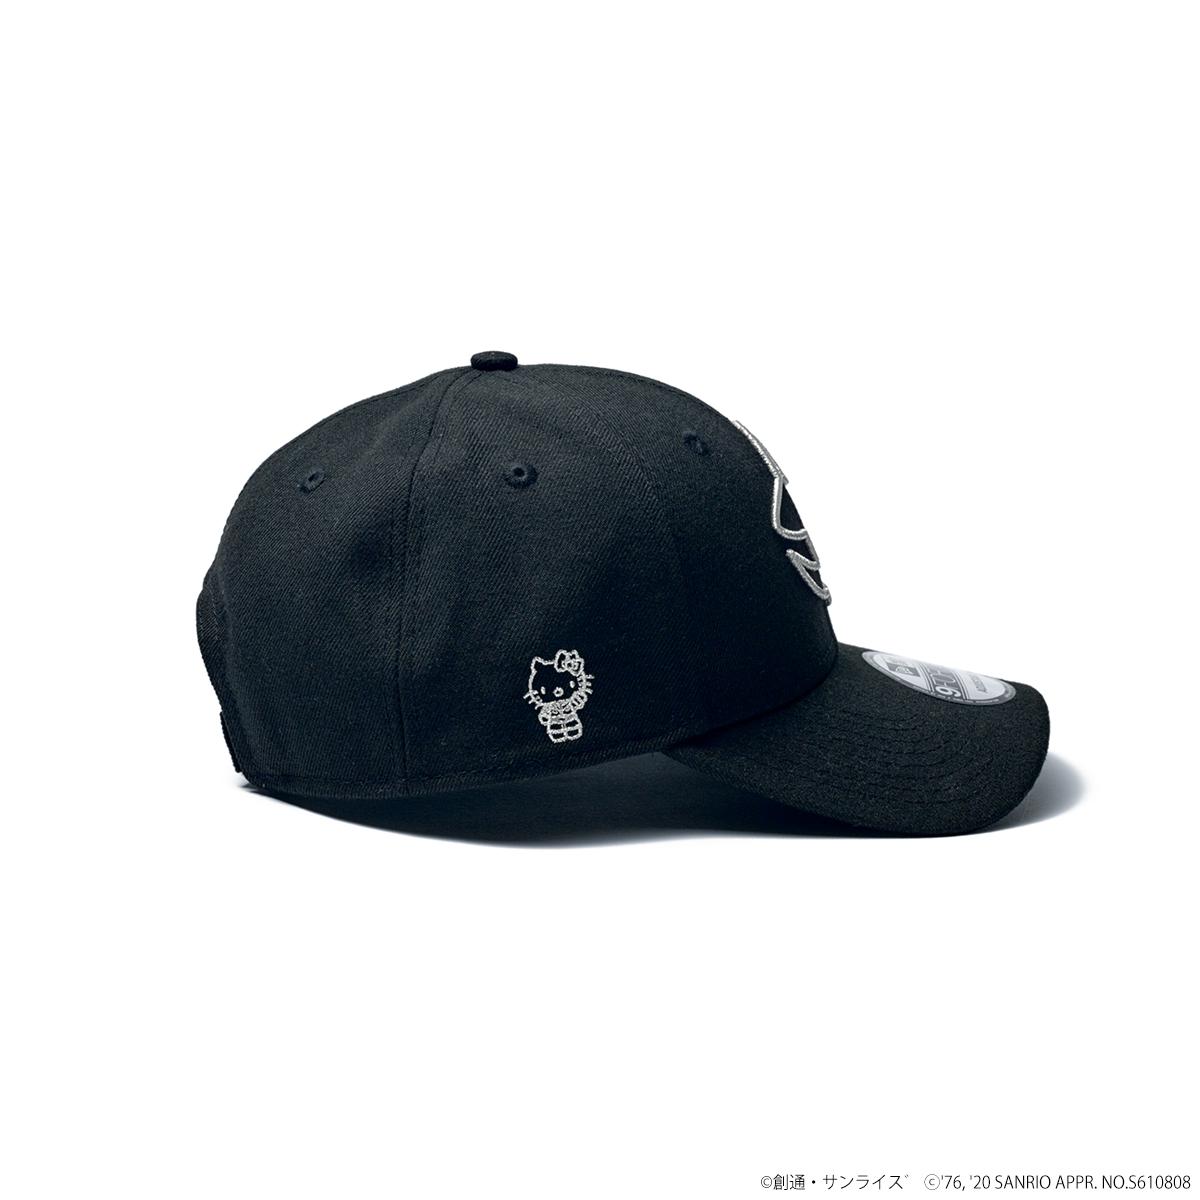 「ガンダム★ハローキティプロジェクト」新弾 「NEW ERAⓇ」コラボCap & Tシャツ登場!